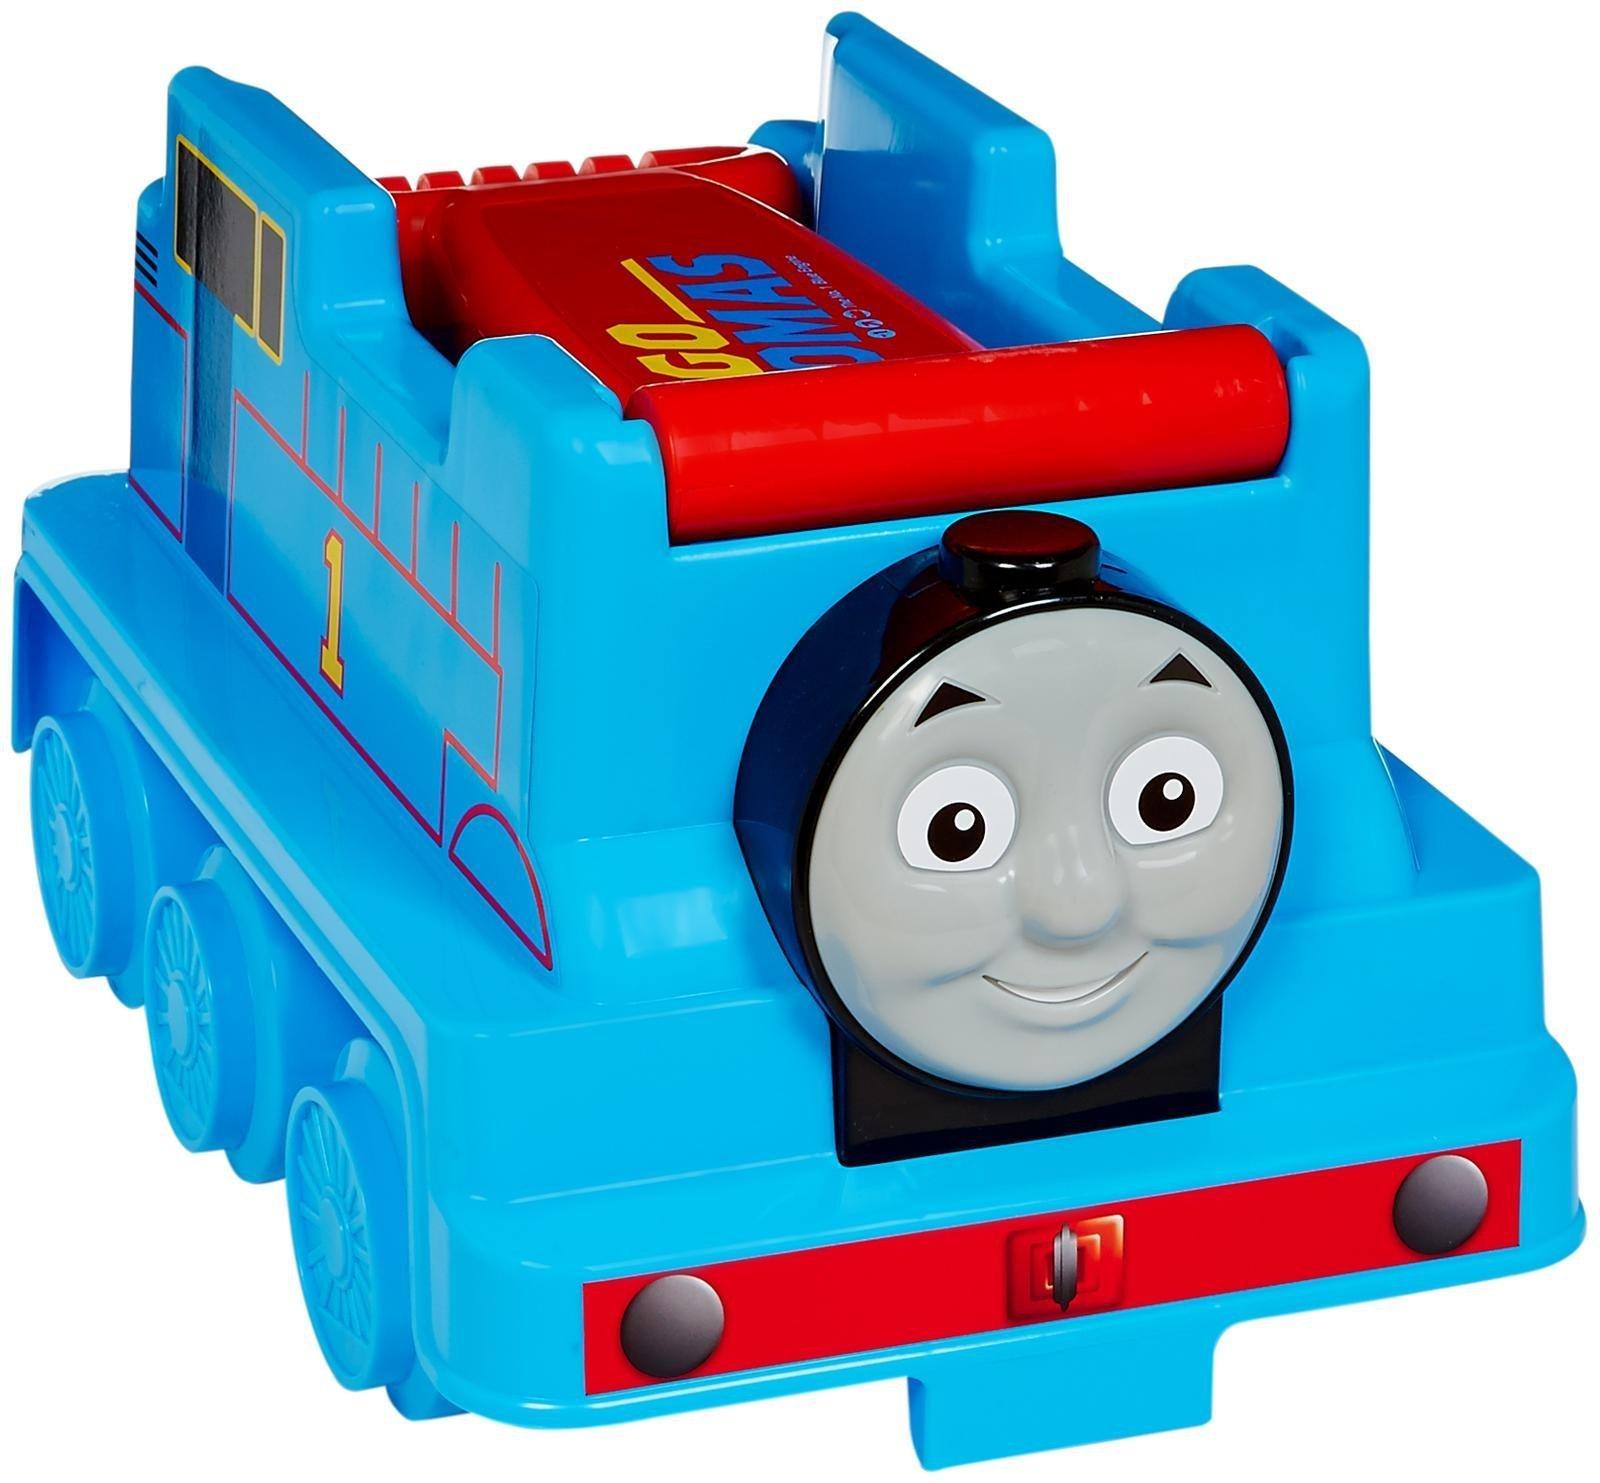 Thomas & Friends Roll N Go Wagon Ride-On